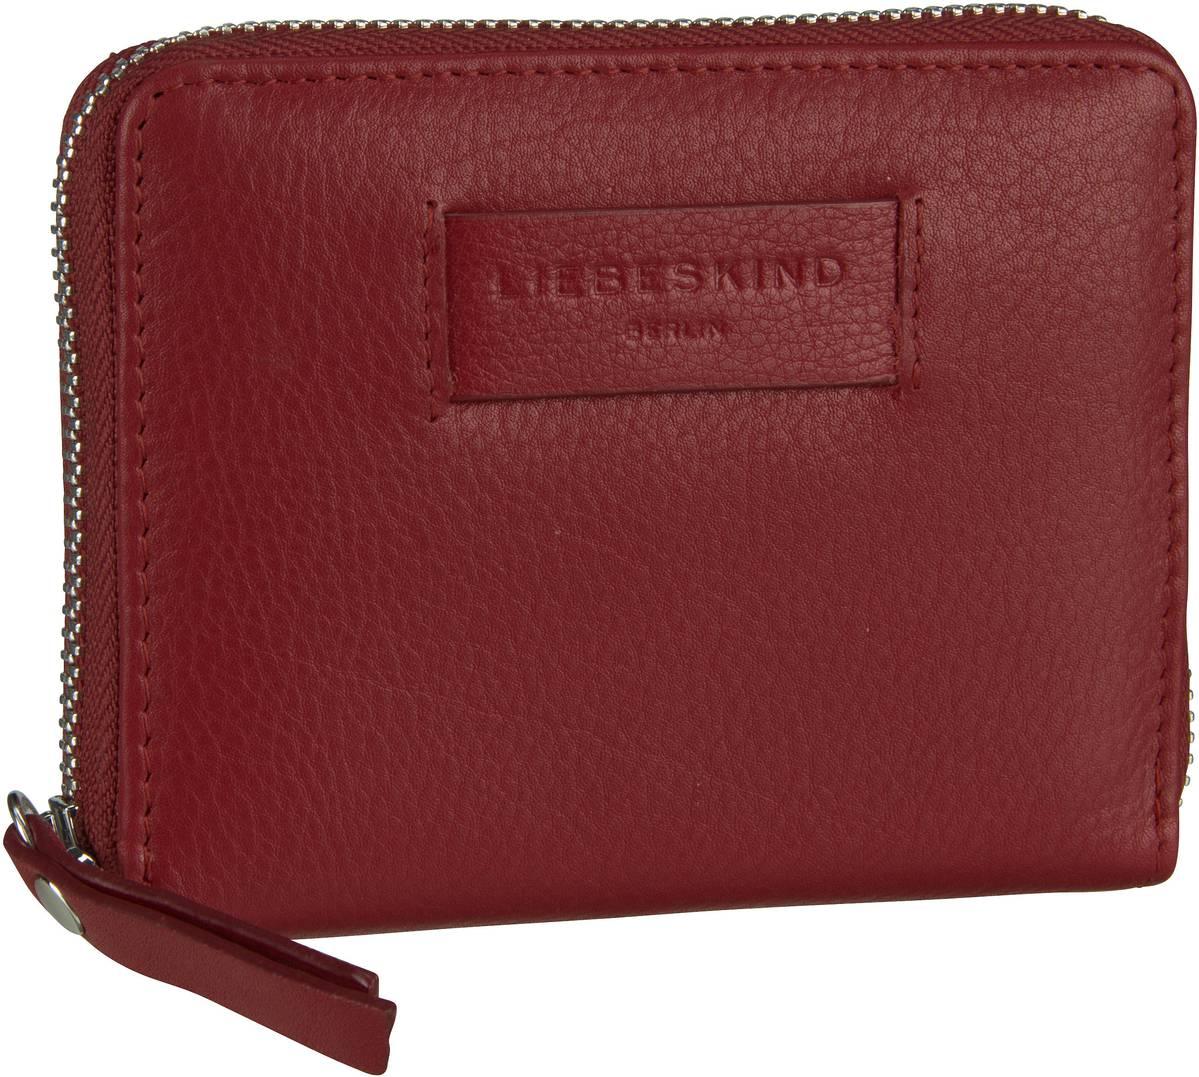 Geldboersen für Frauen - Liebeskind Berlin Geldbörse Essential Conny Wallet  M Italian Red - Onlineshop Taschenkaufhaus 82315e39ad